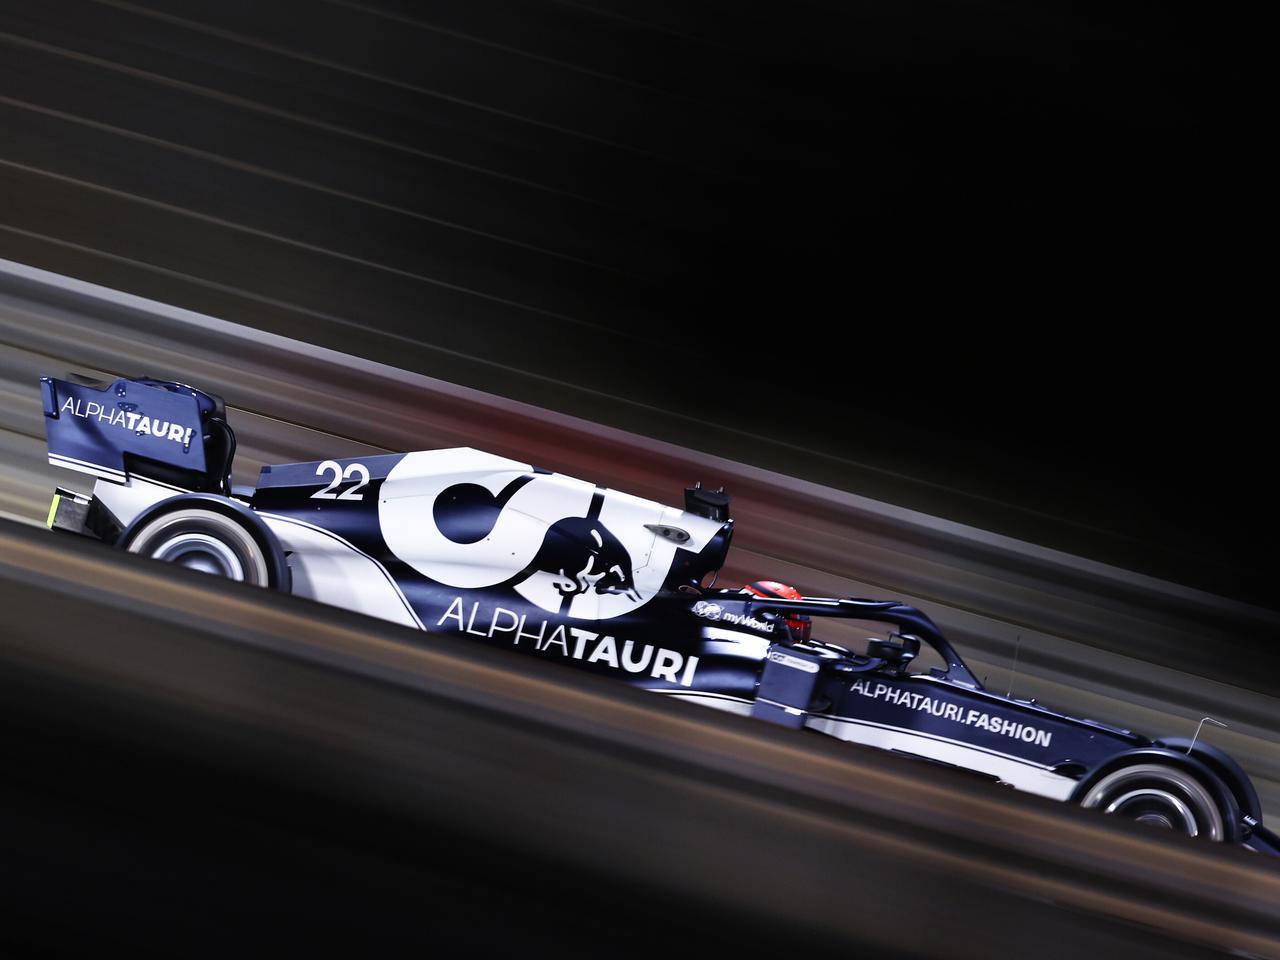 F1第2戦の角田裕毅に世界が注目。イモラはアルファタウリのホームコース、データは豊富だ【モータースポーツ】